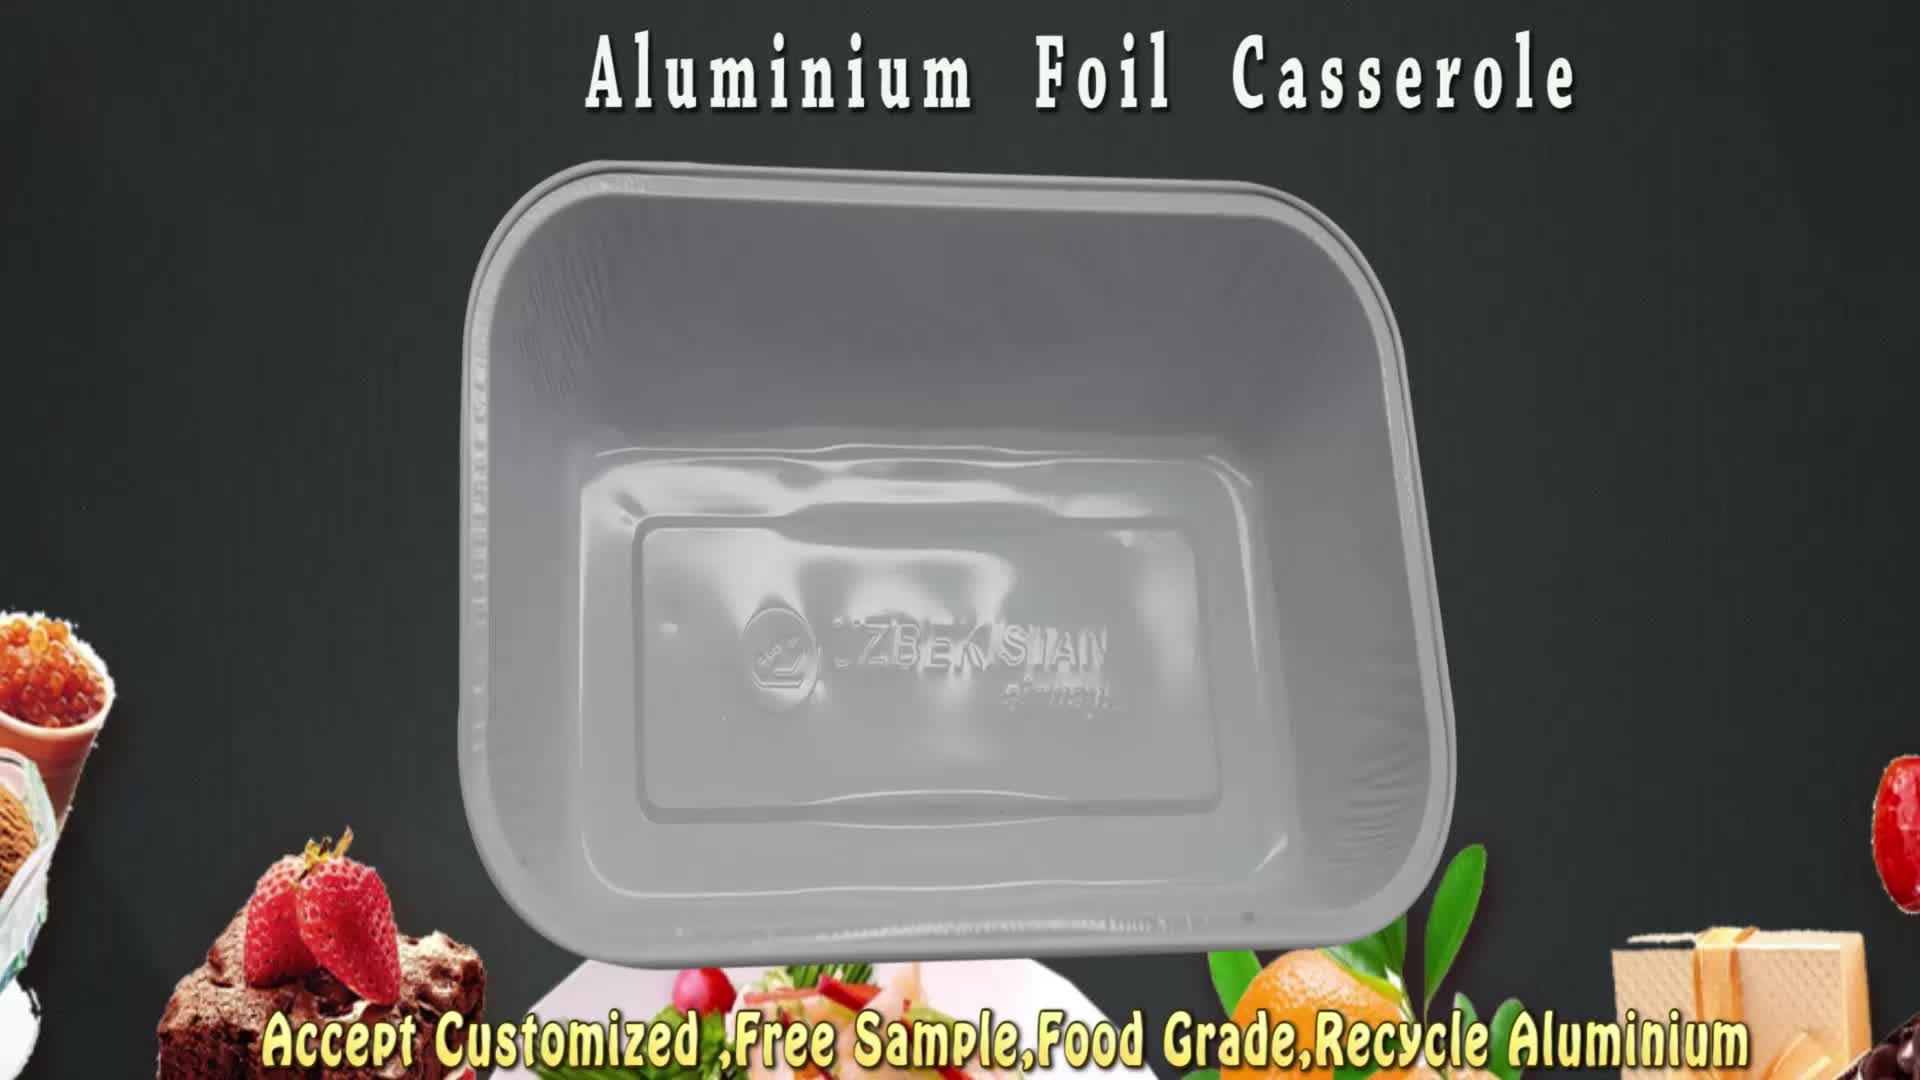 caçarola de alimentos folha de alumínio a bordo